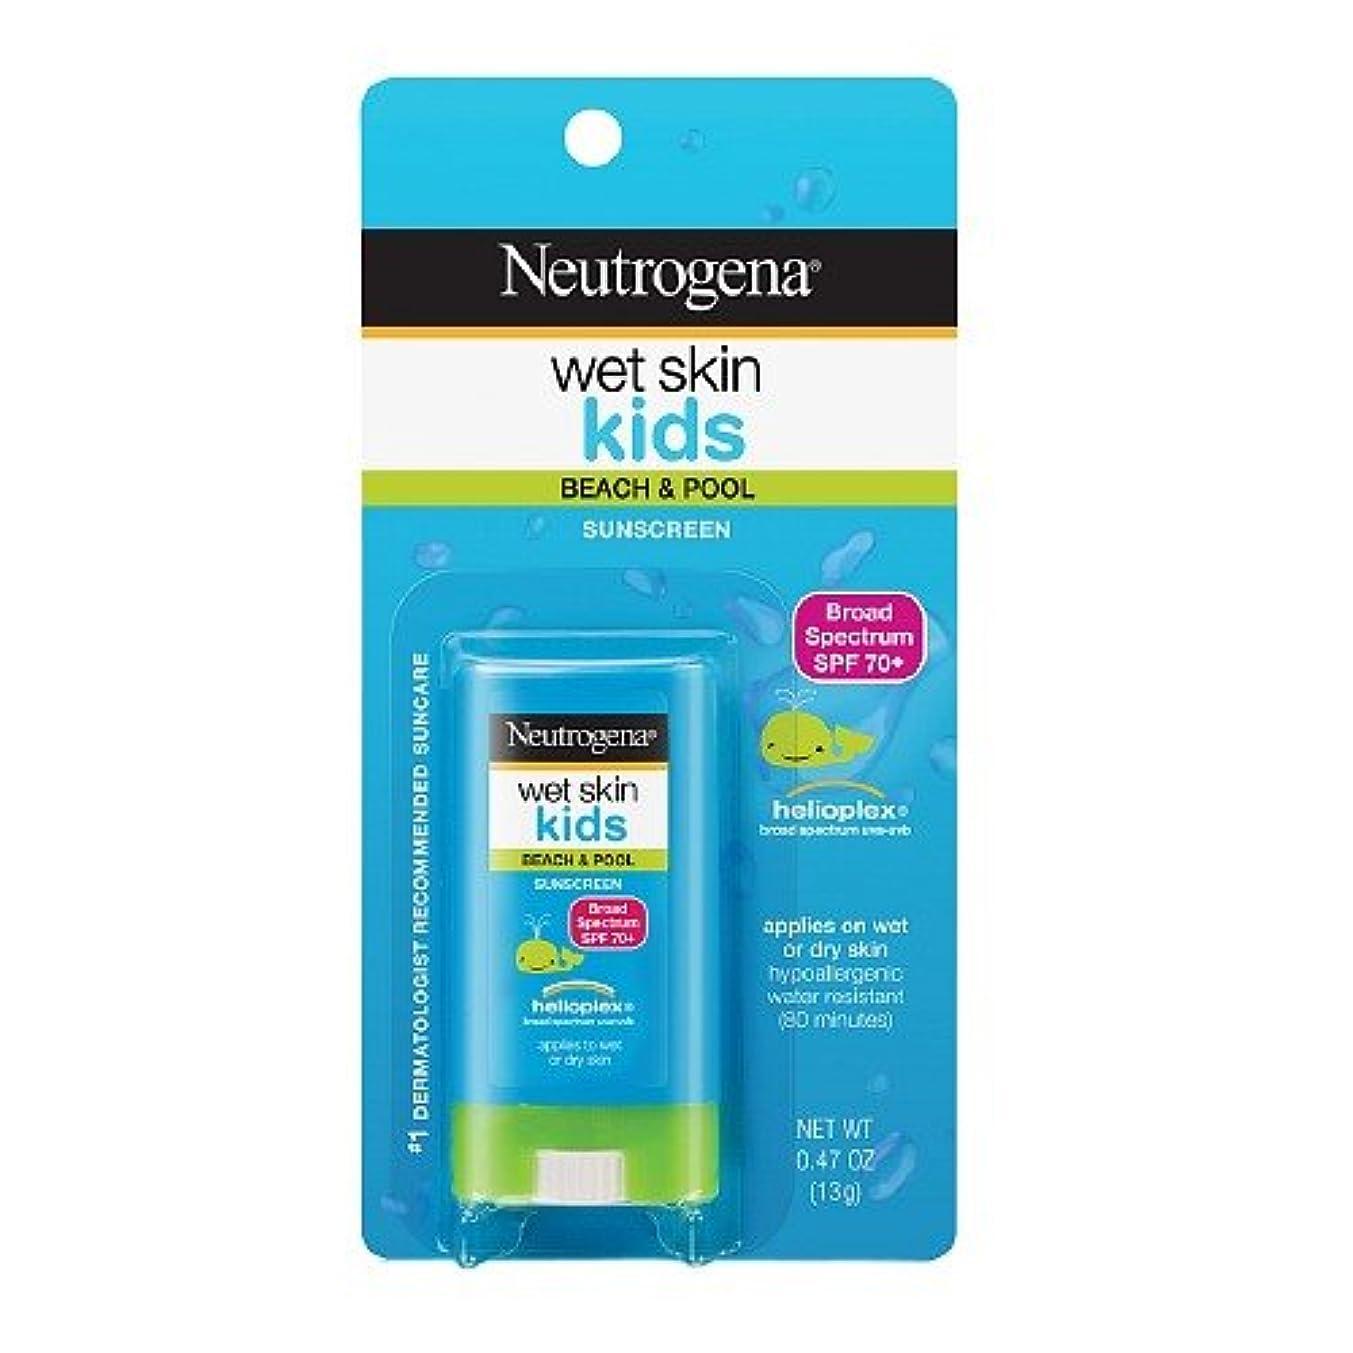 入場料学ぶ機構Neutrogena ニュートロジーナオイル無ウェットスキンキッズ日焼け止めスティック SPF70 13g 並行輸入品